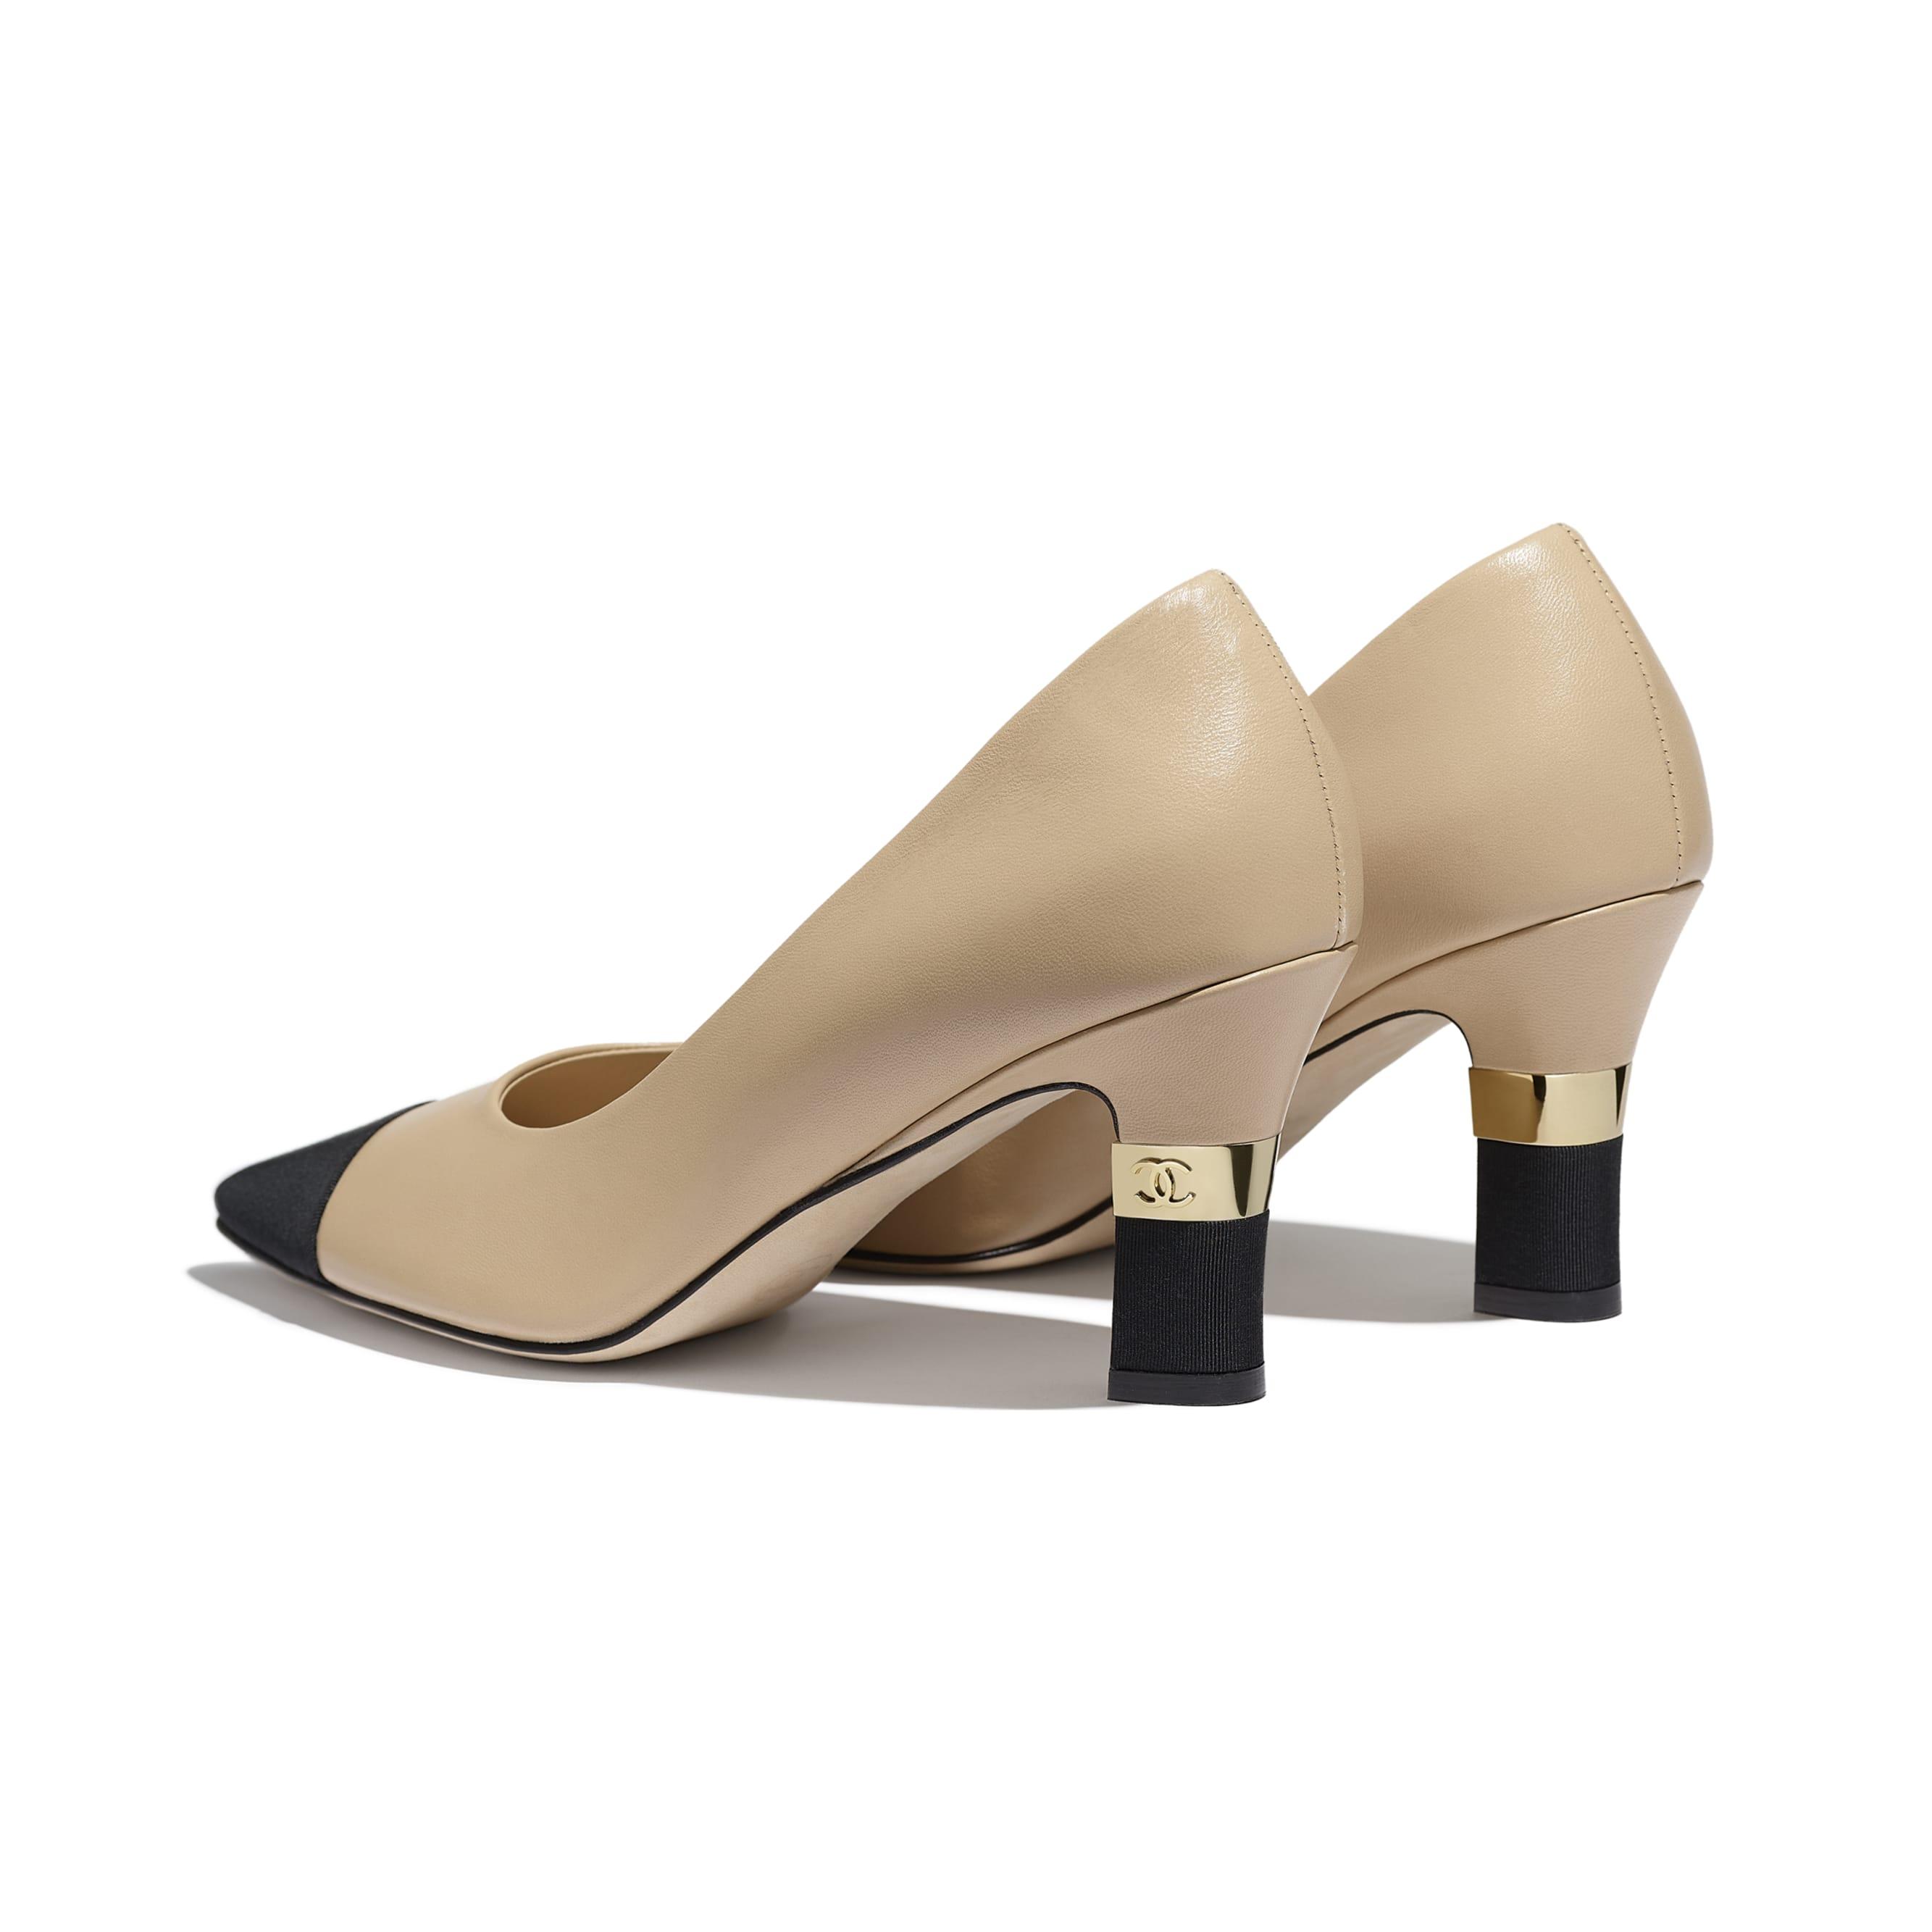 รองเท้าส้นสูงหุ้มส้น - สีเบจและสีดำ - หนังแกะและผ้าโกรเกรน - มุมมองอื่น - ดูเวอร์ชันขนาดมาตรฐาน